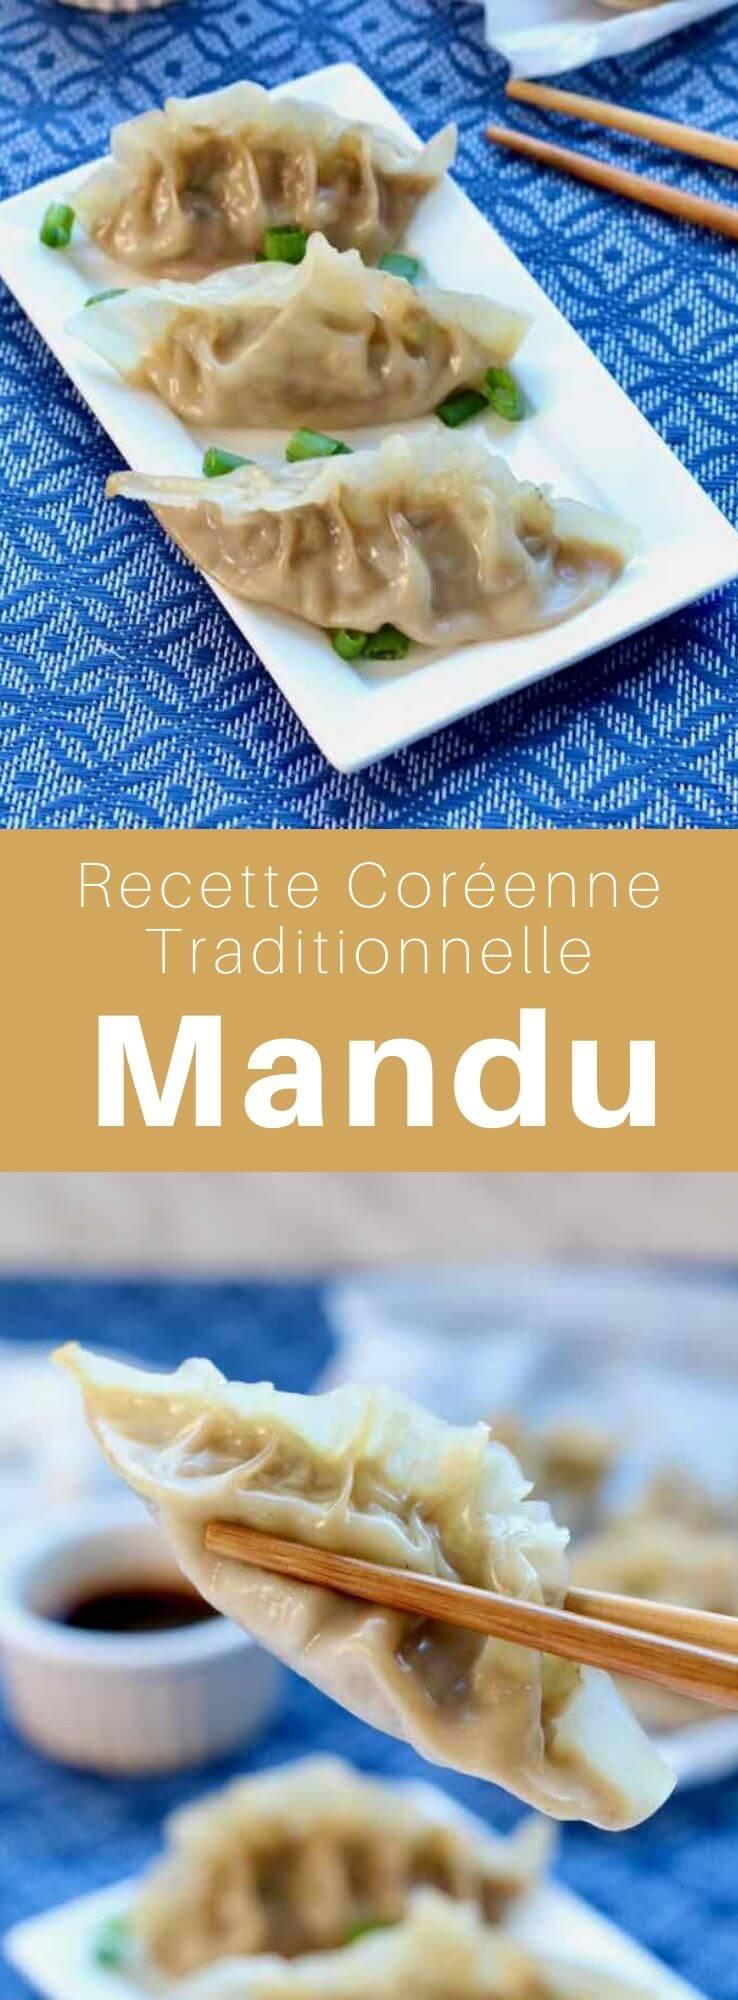 Le mandu (만두) en est un plat de raviolis originaires de Corée qui peuvent être bouillis, cuits à la vapeur, revenus ou frits. Ils sont dérivés des jiaozi chinois. #Coree #CoreeDuSud #CoreeDuNord #CuisineDuMonde #196flavors